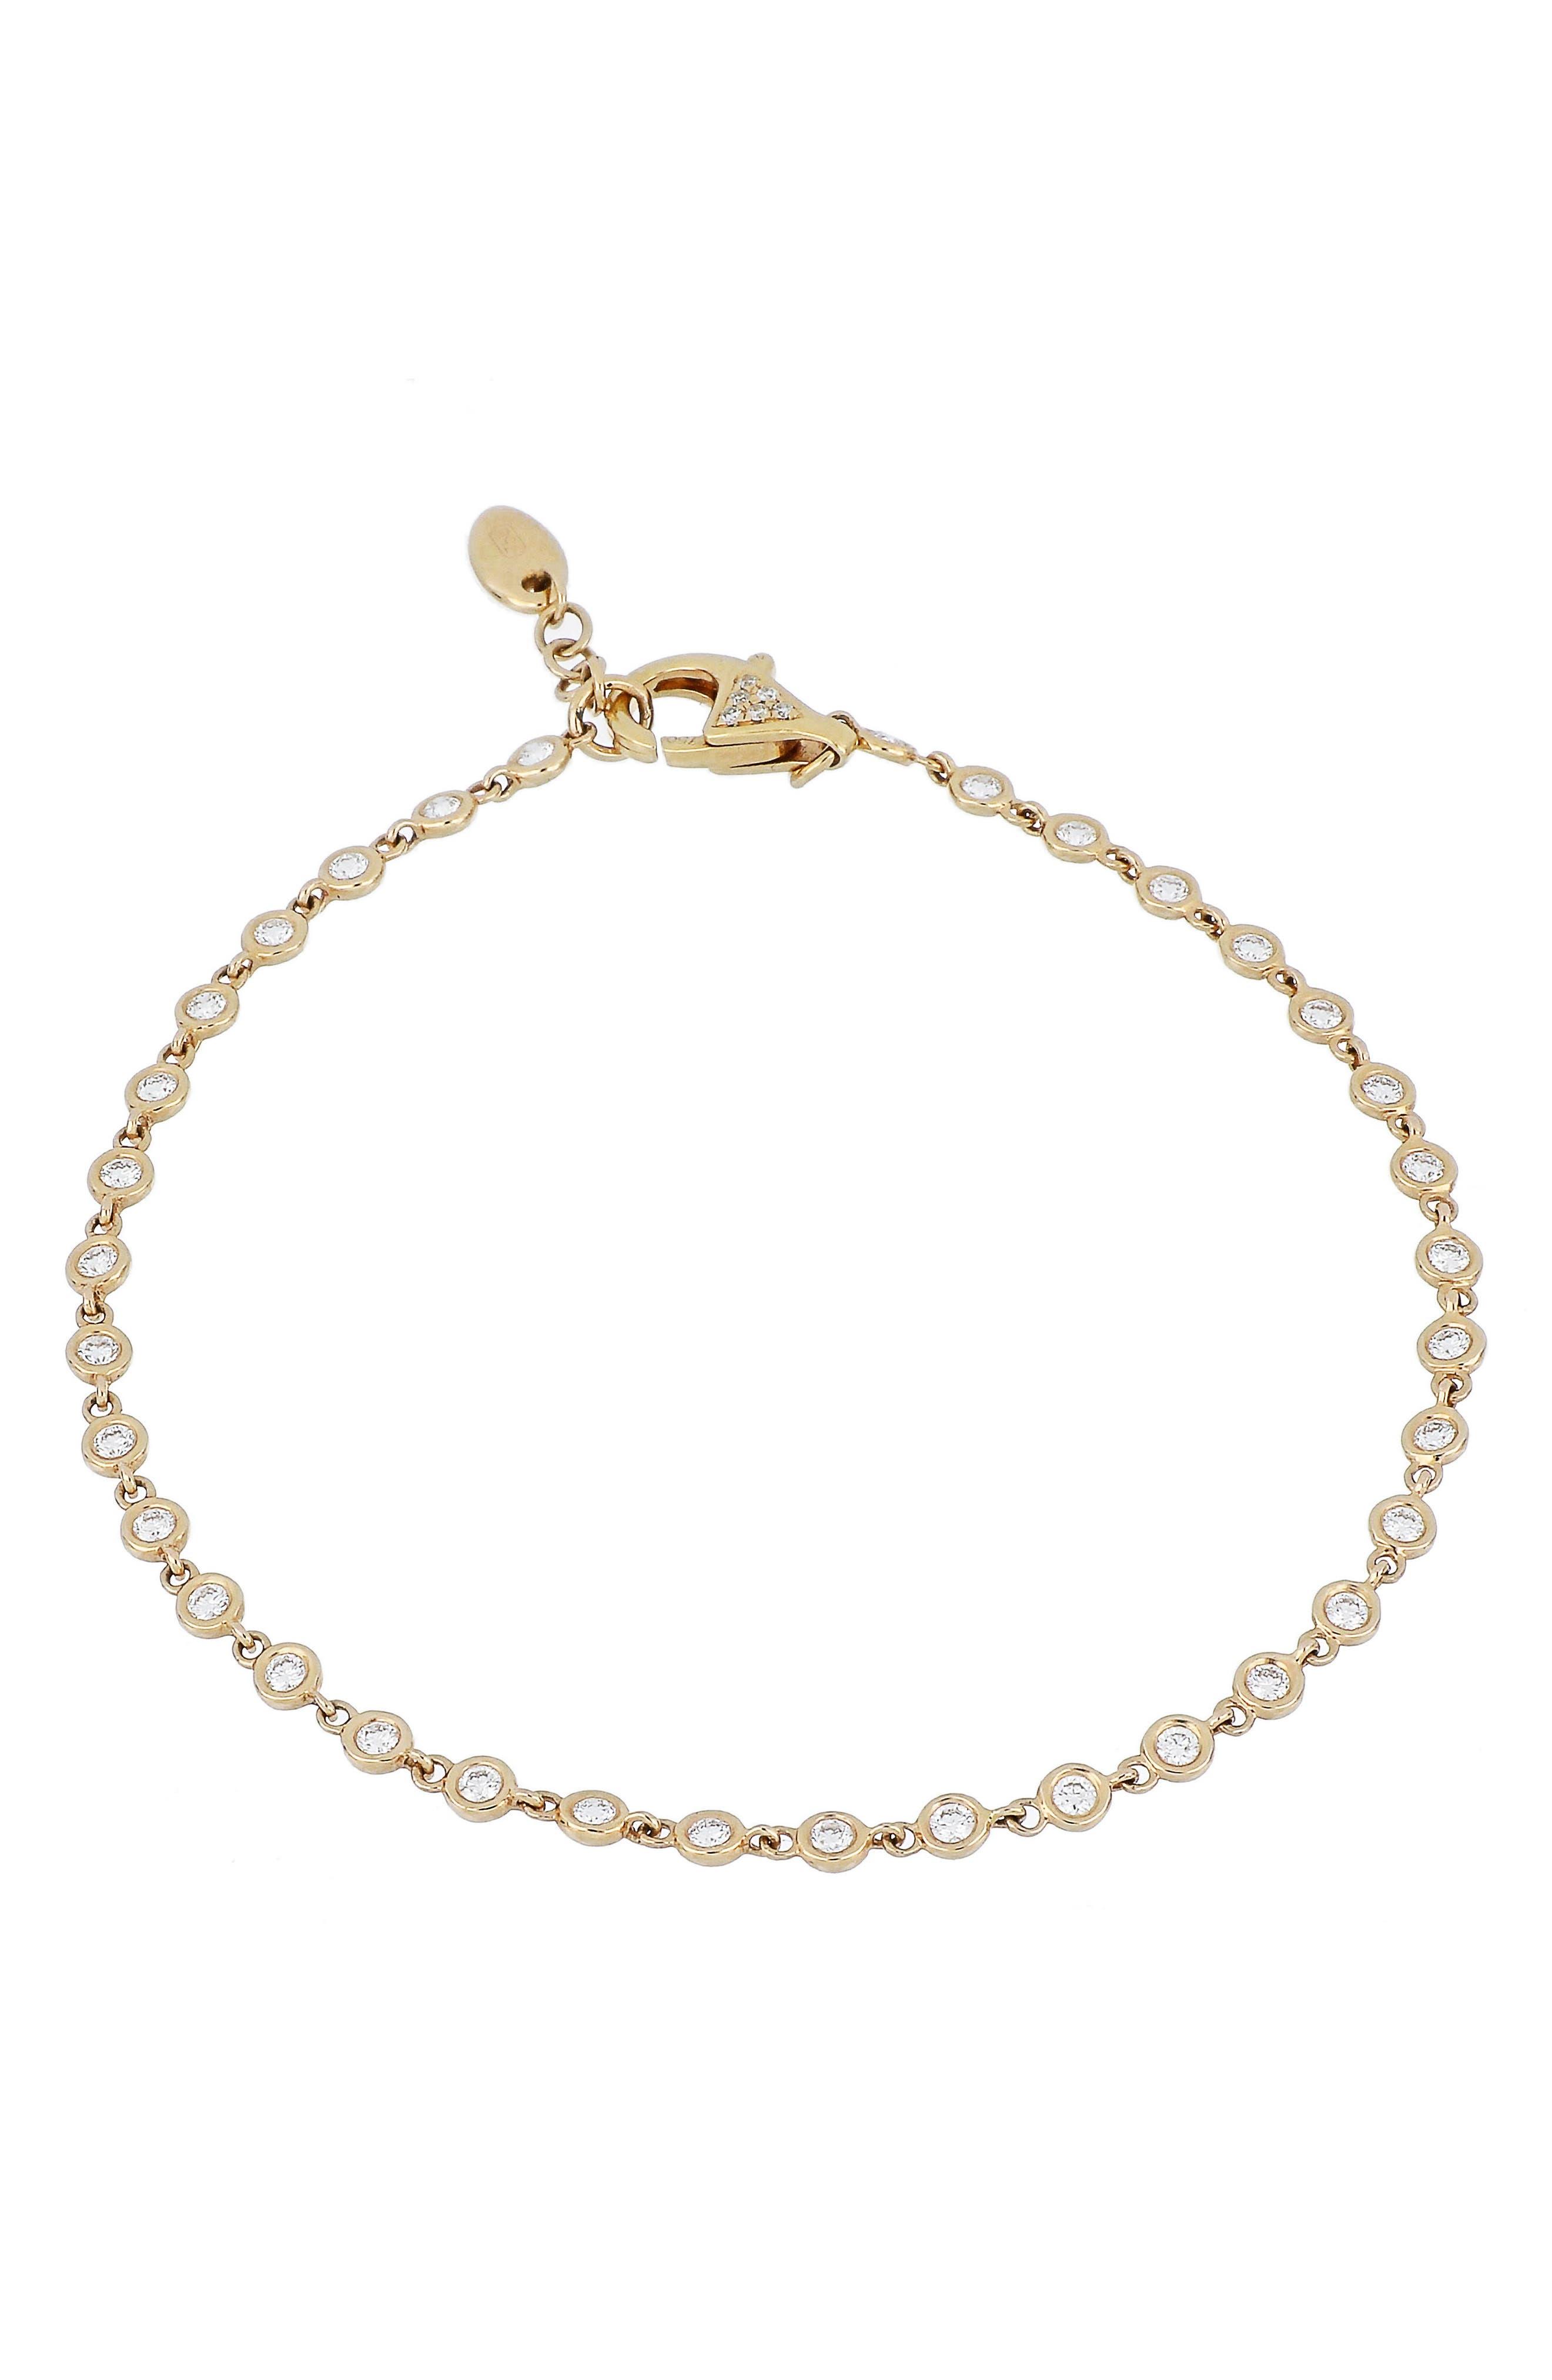 Main Image - Bony Levy Diamond Line Bracelet (Nordstrom Exclusive)